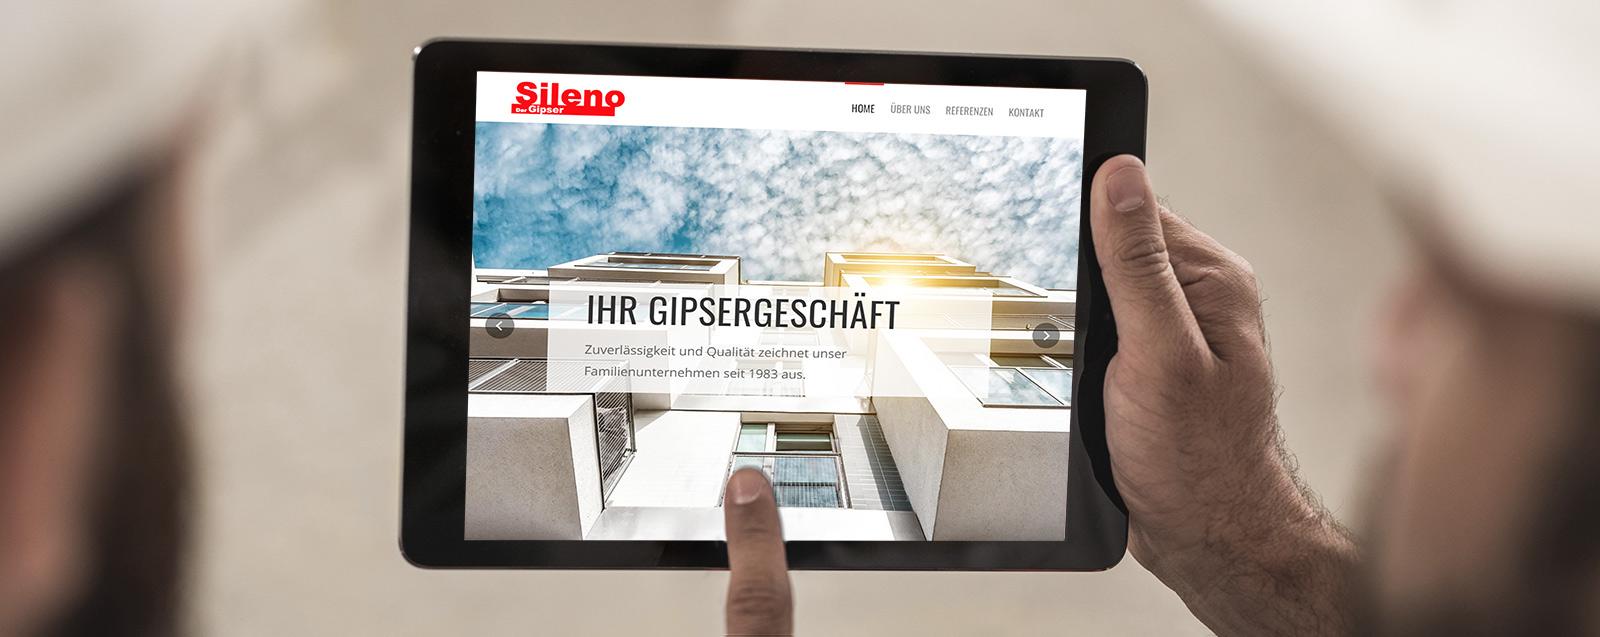 content-referenzen-details-sileno-header-desktop